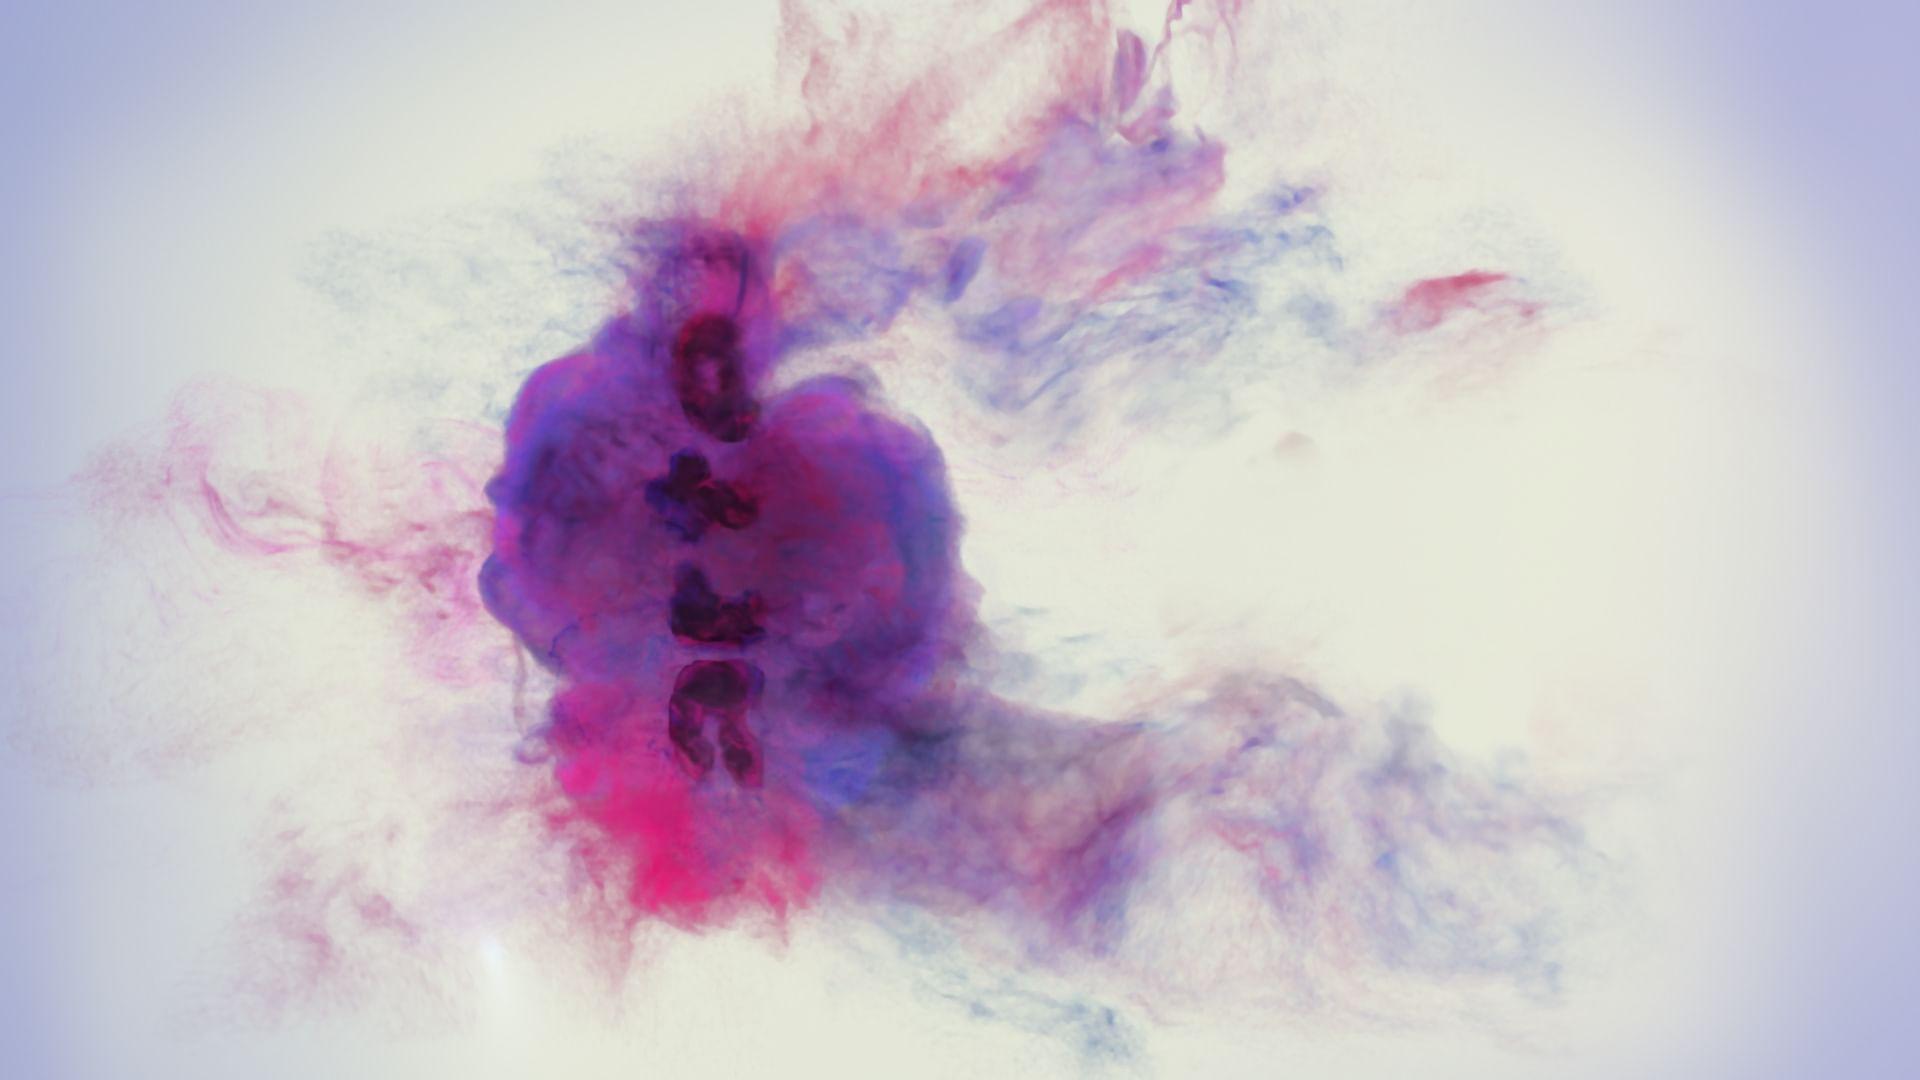 Die neunteilige Dokumentarfilmreihe von Ken Burns und Lynn Novick erzählt die Geschichte des Vietnamkriegs so umfassend und detailliert wie nie zuvor. Sie lässt rund 80 Zeitzeugen zu Wort kommen, darunter zahlreiche Amerikaner und Vietnamesen, die in dem Krieg kämpften, aber auch Vietnamkriegsgegner und Zivilisten der Verlierer- und Gewinnerseite.